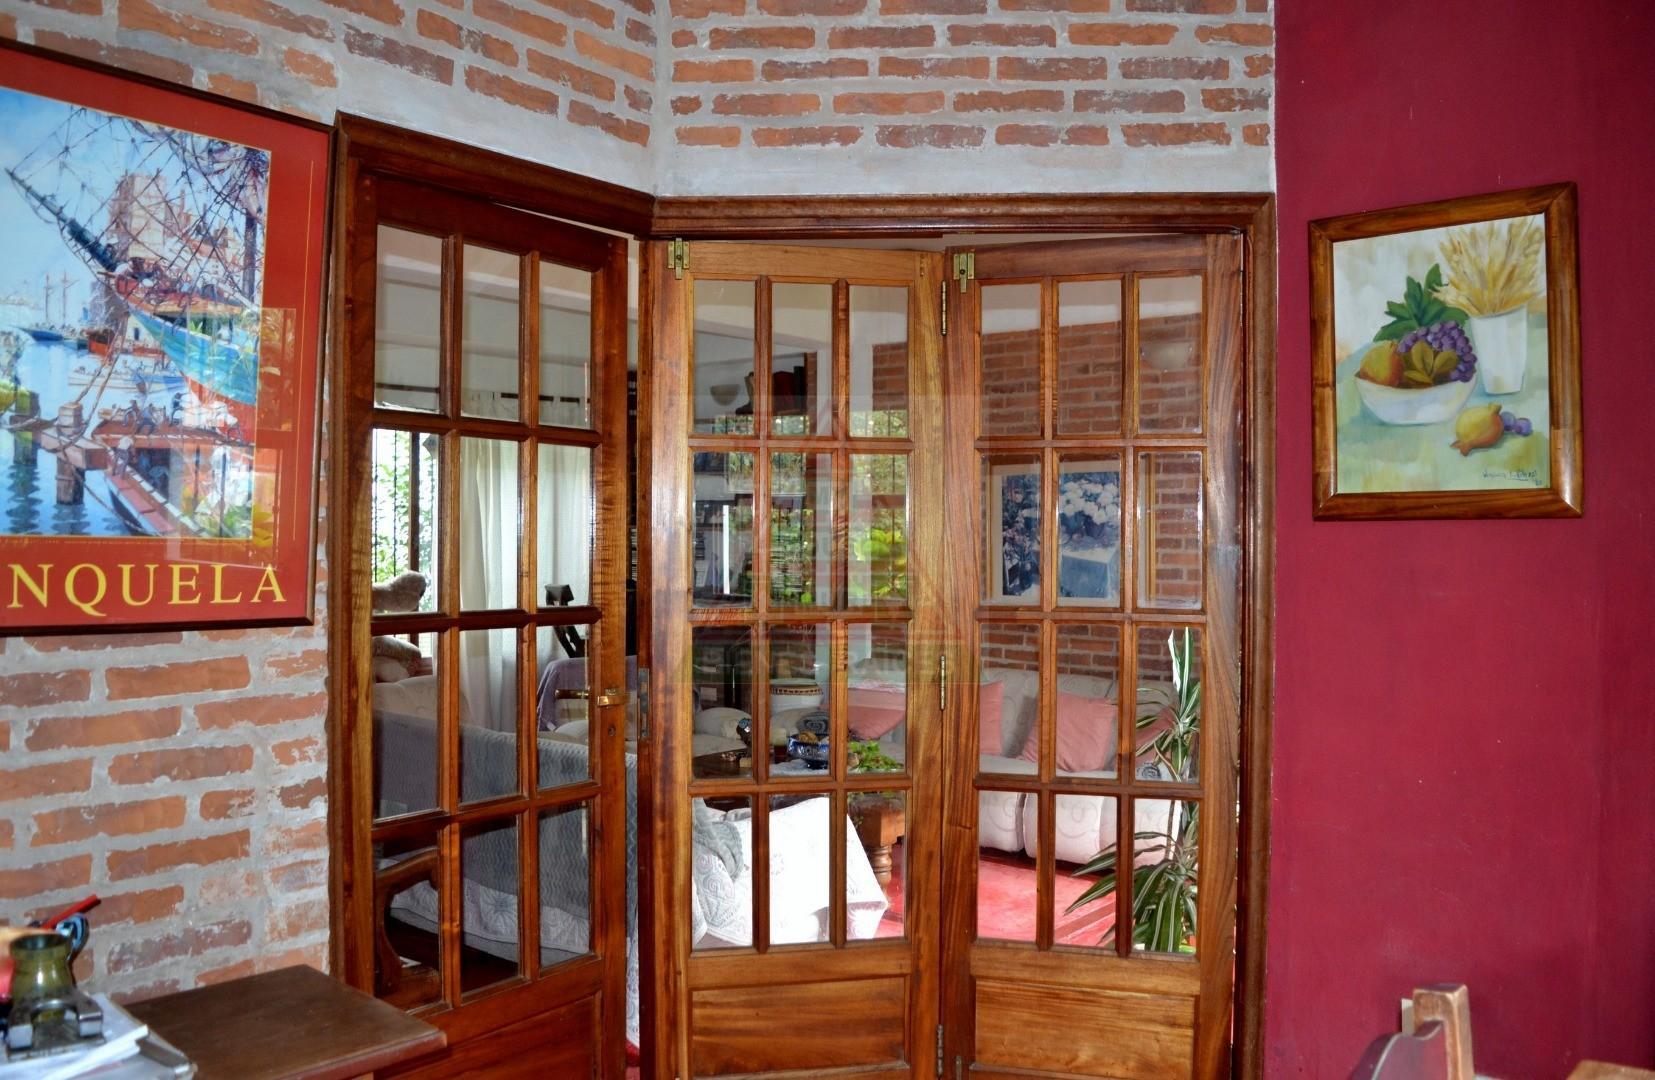 Casa - 134,84 m² | 4 dormitorios | 3 baños